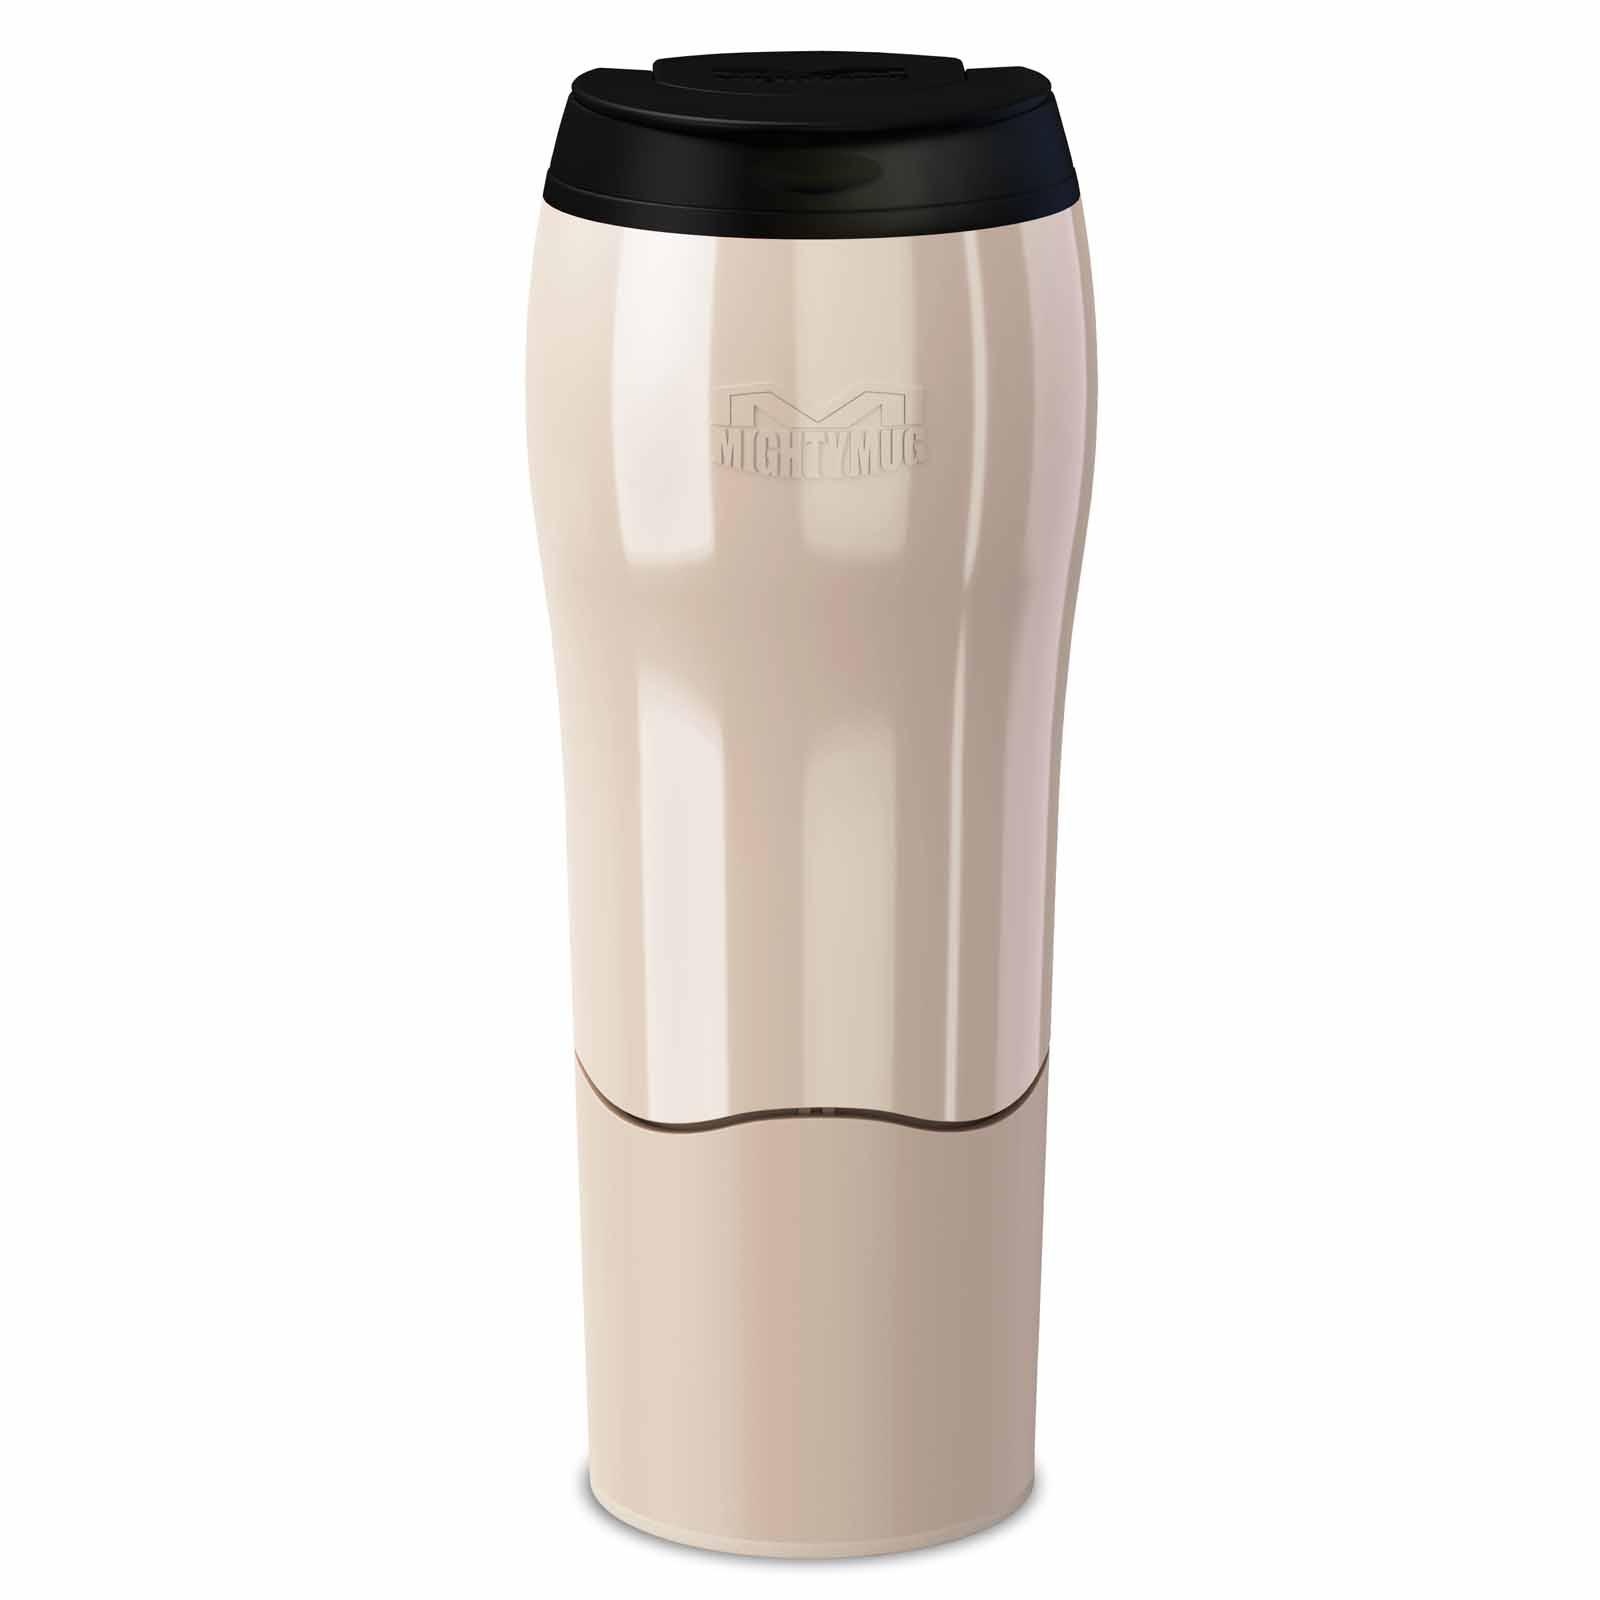 d26b3f49af6 Dexam Mighty Mug Pearl Cream Travel Mug 470ml No Spill Design Leak ...